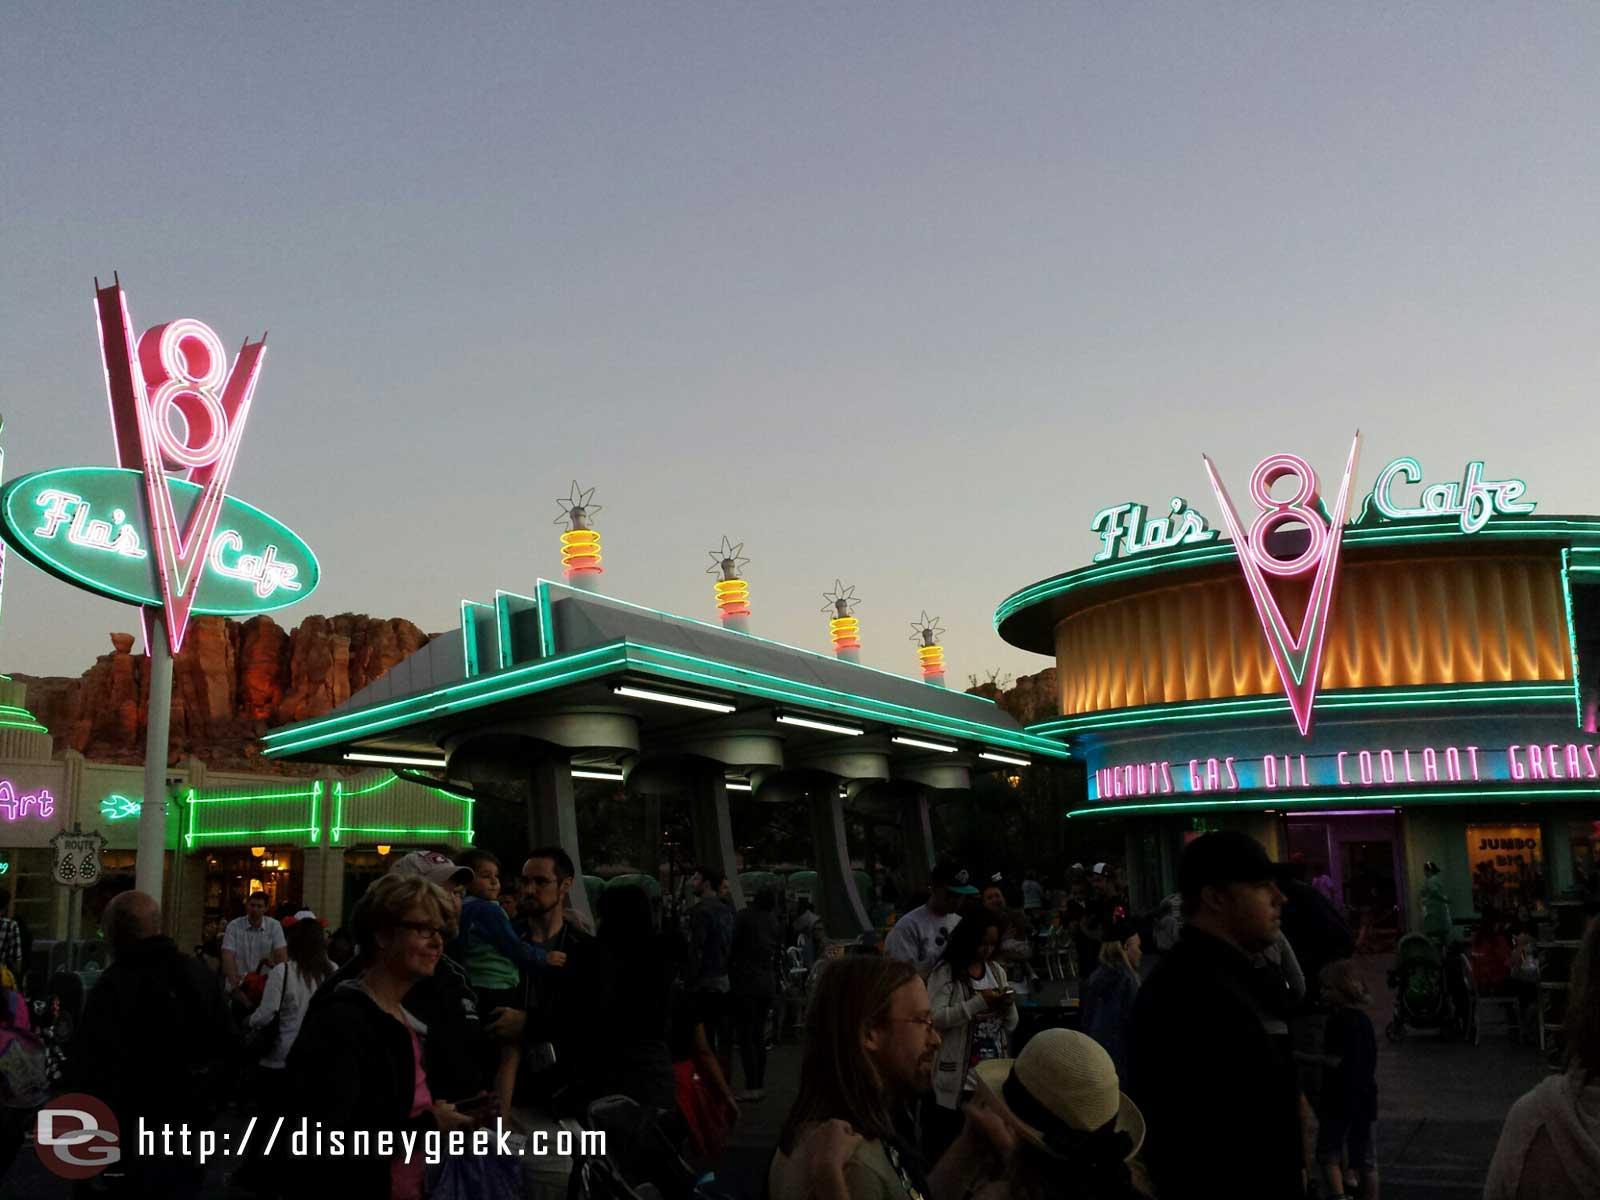 Flos V8 Cafe #CarsLand #neon